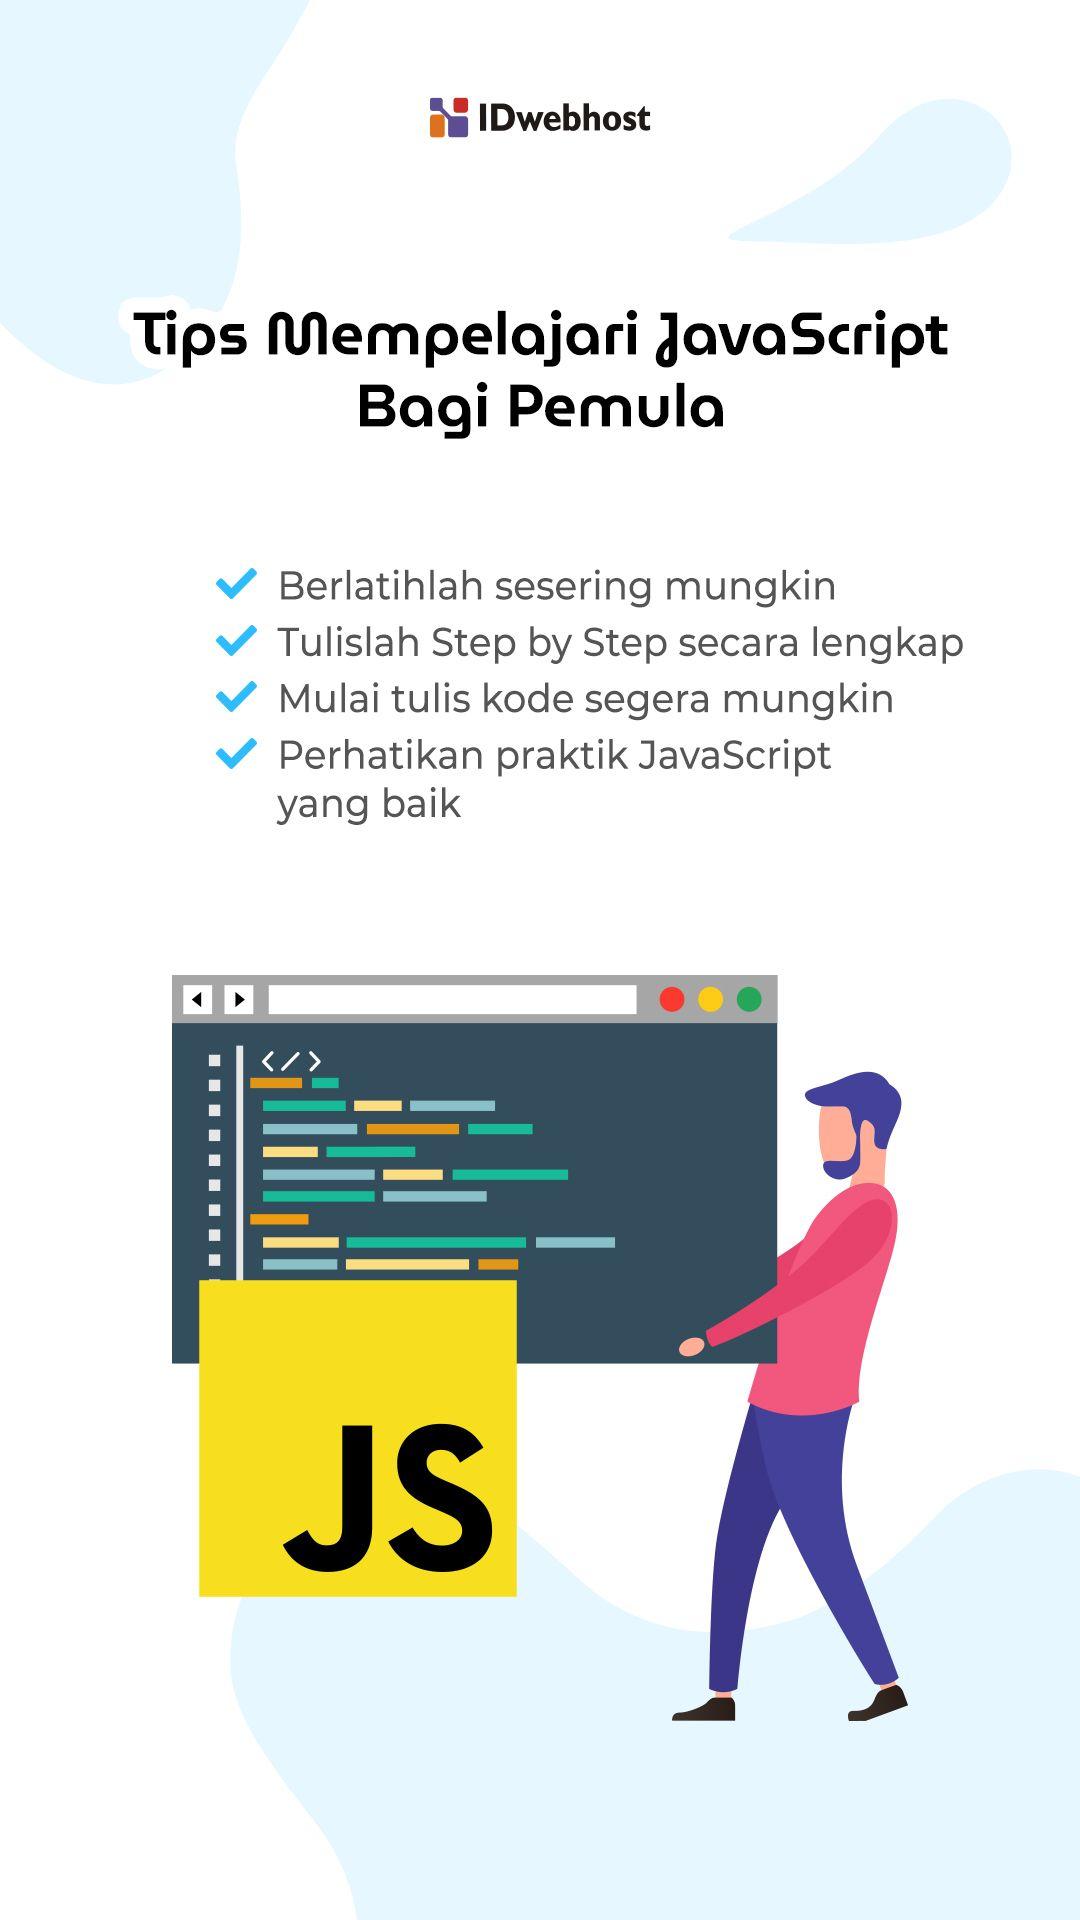 Tips Mempelajari Javascript Bagi Pemula Belajar Pemrograman Tips